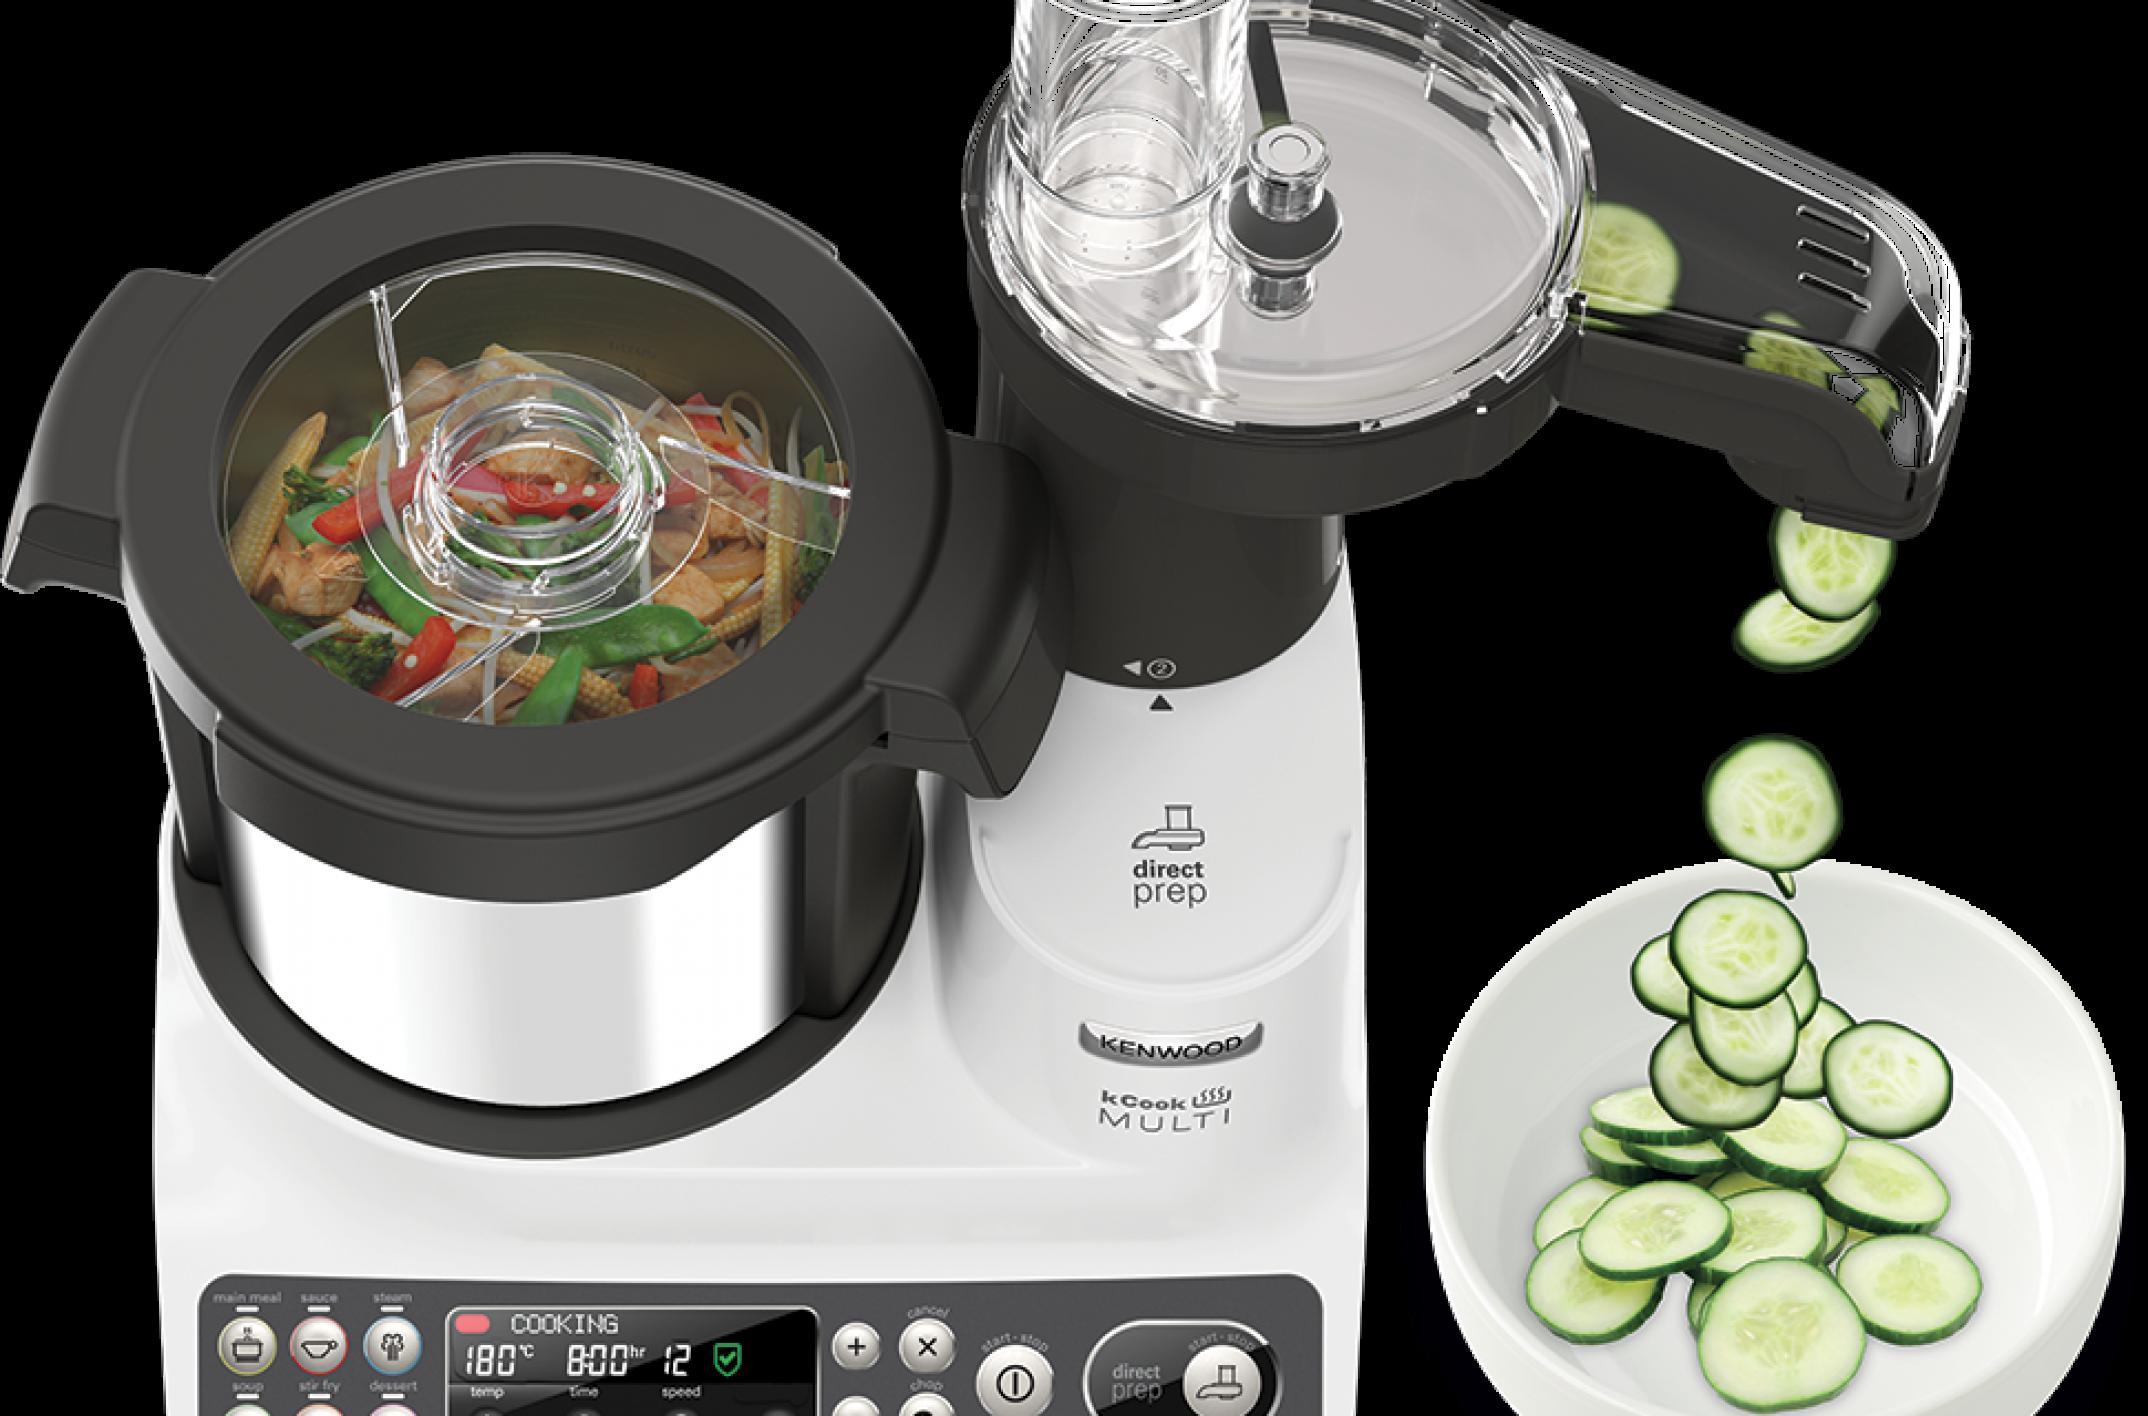 Mon expérience avec le robot cuiseur Kenwood Kcook multi